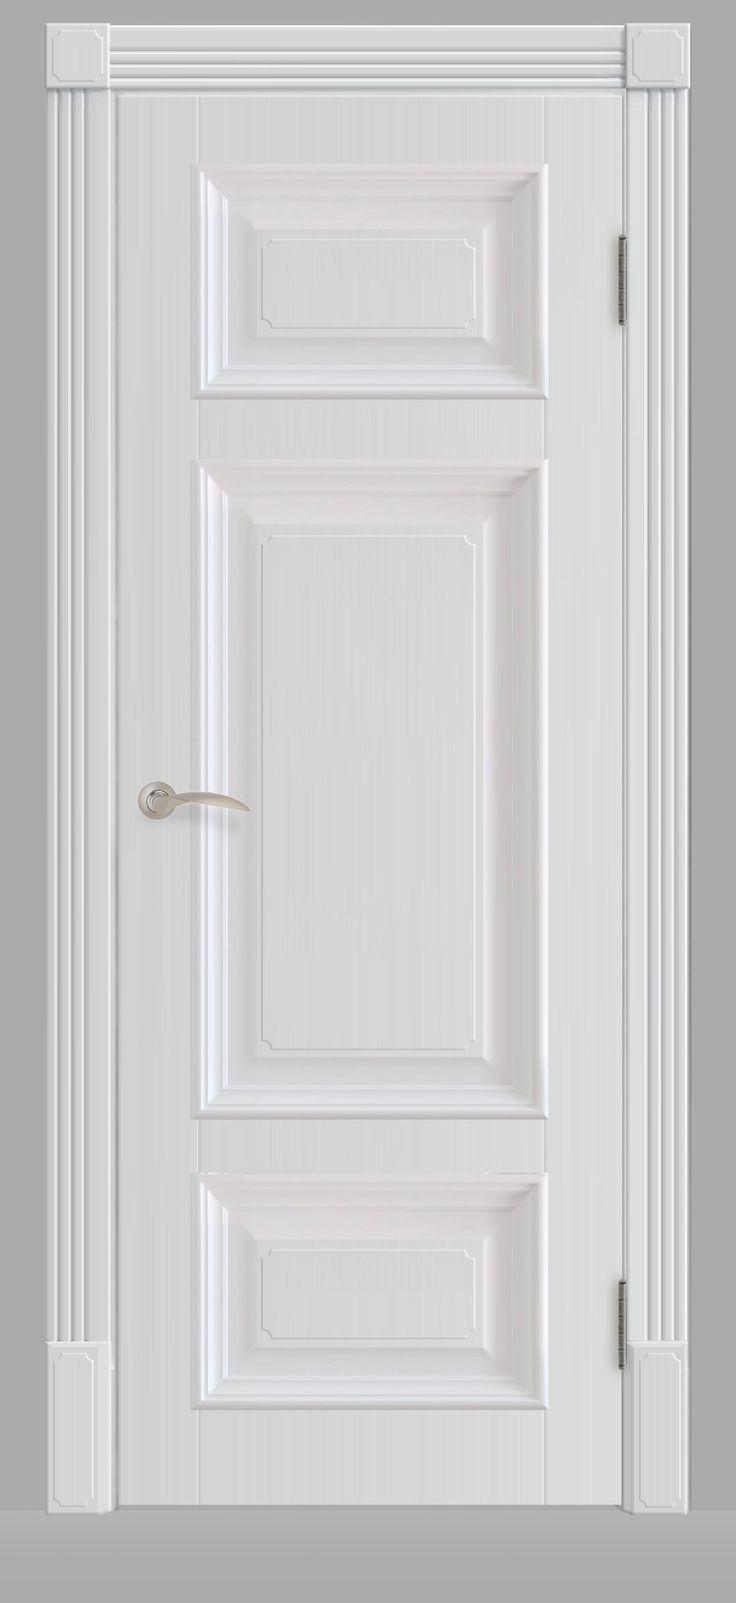 Двери на заказ  Типы дверей: деревянные межкомнатные двери, классика, белые двери, модерн, элит, интерьер дверей